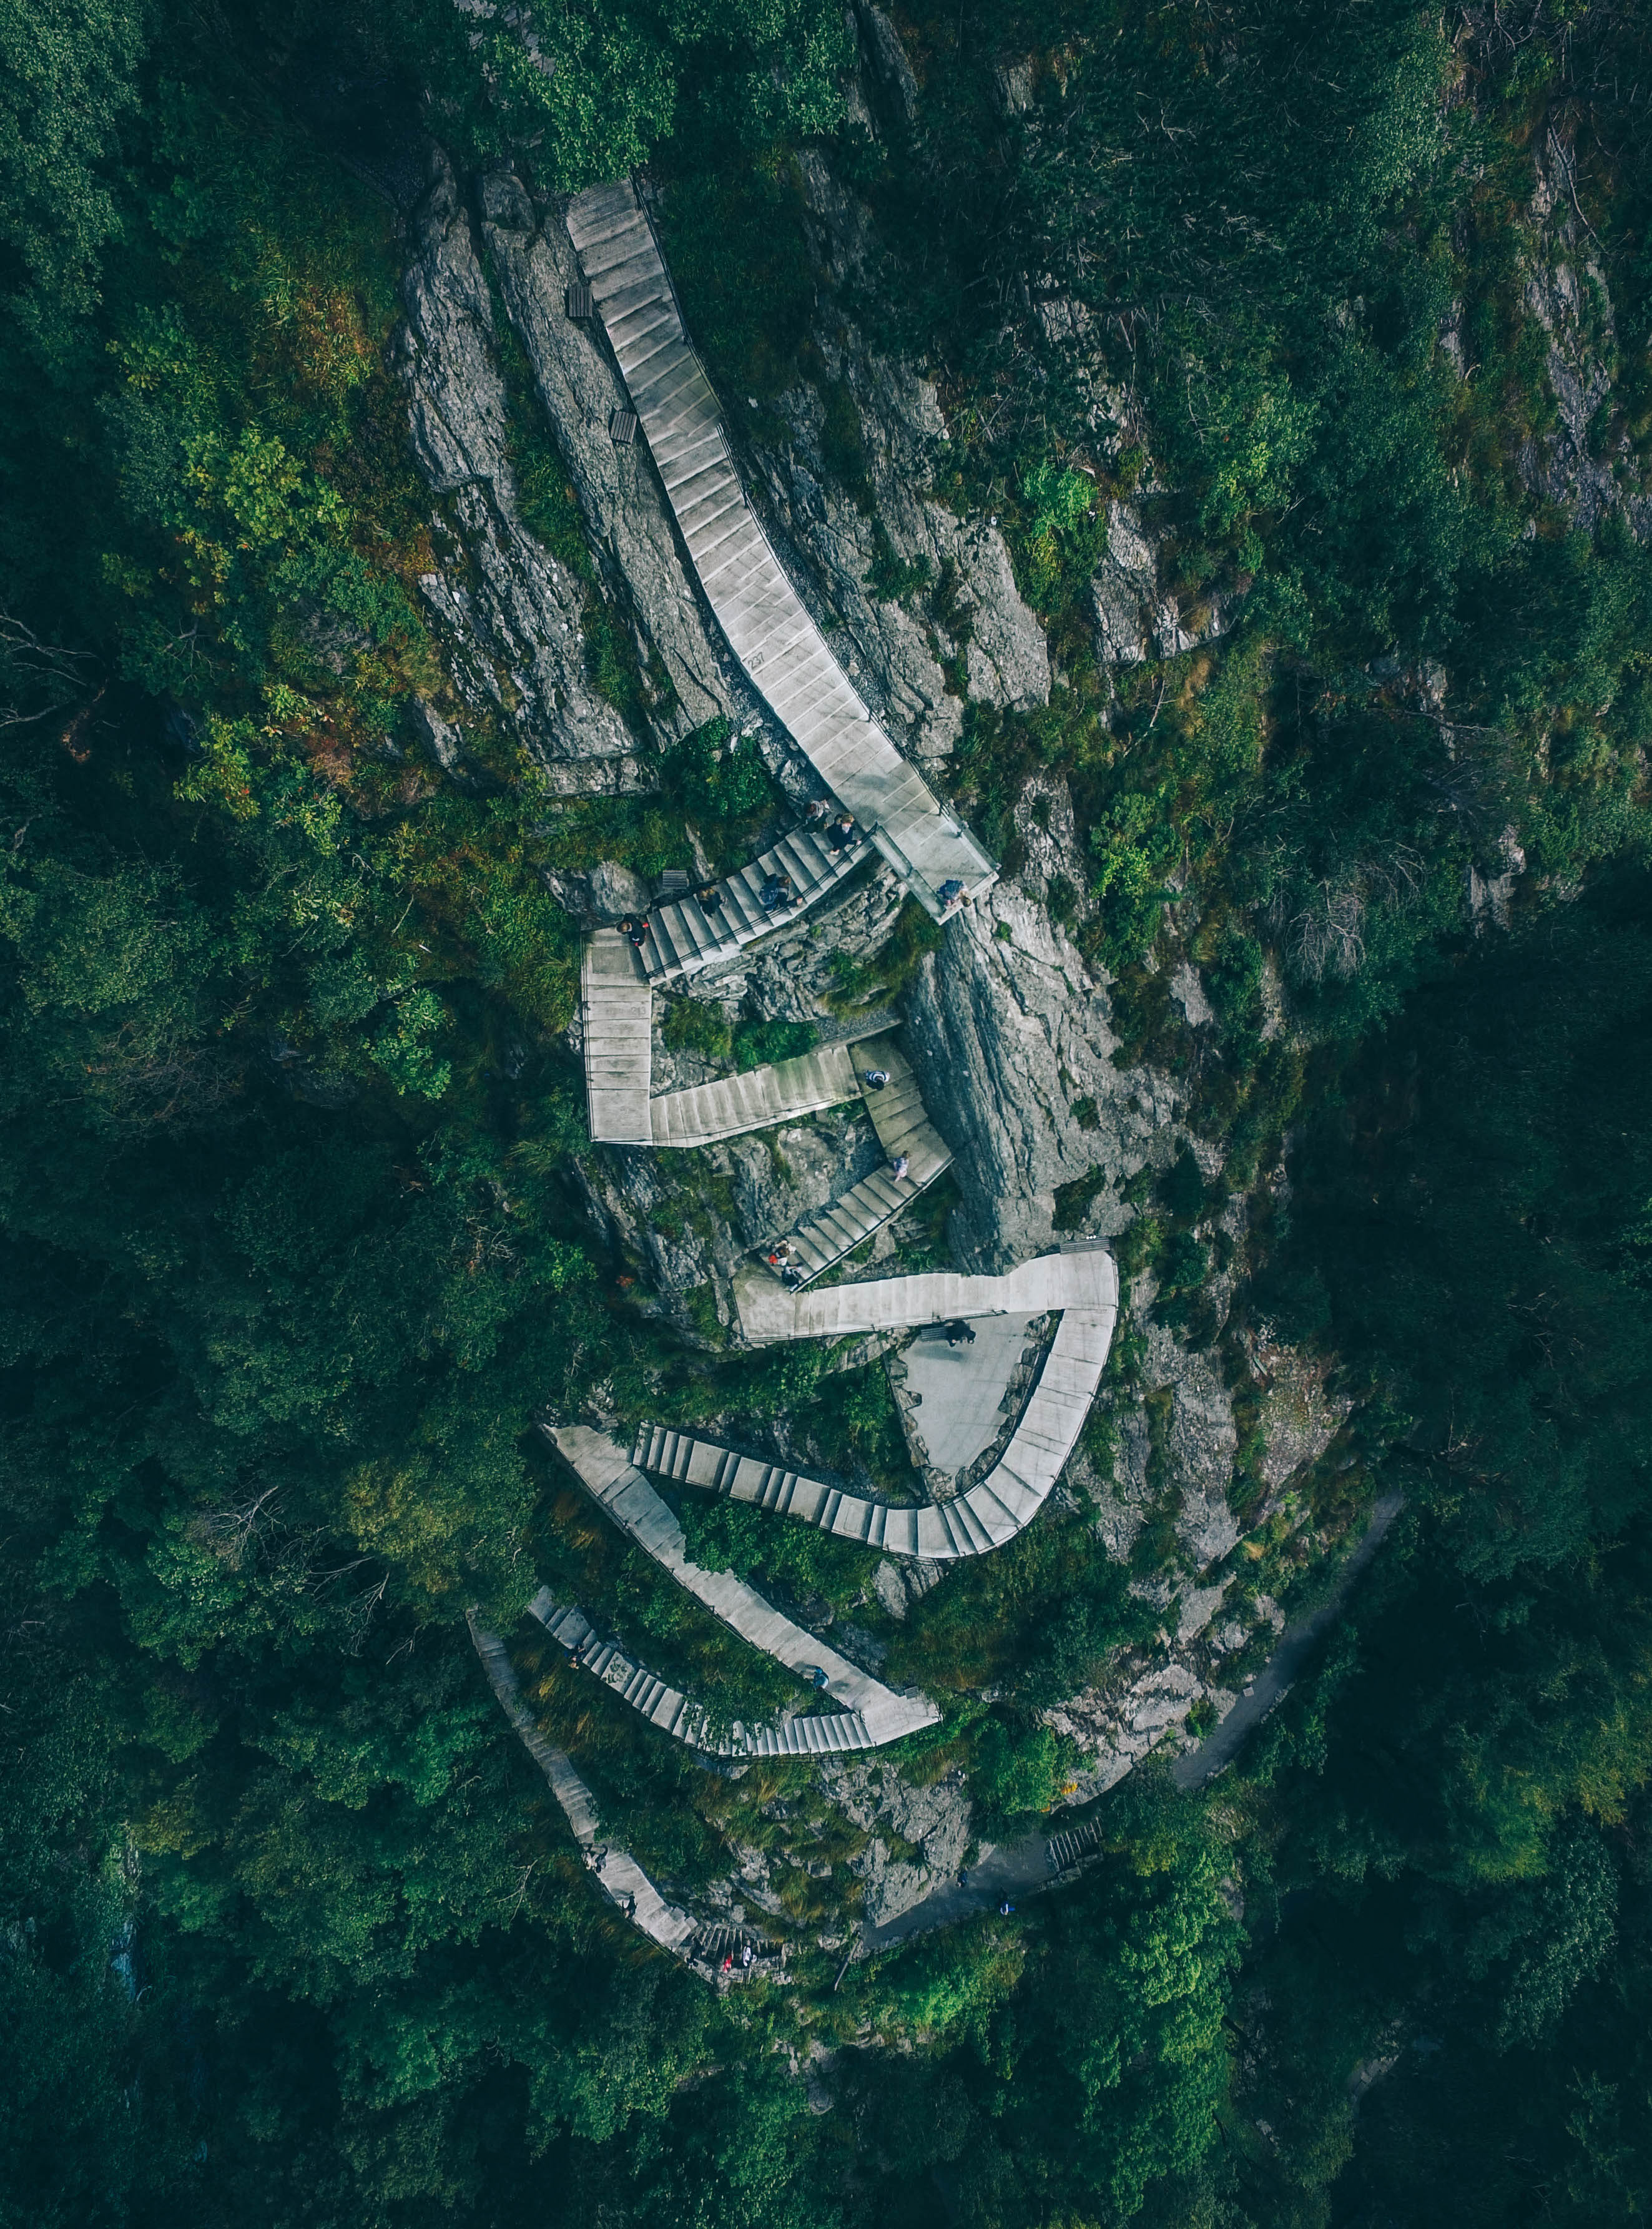 Iphone 5 Mountain Wallpaper Aerial View Of People Walking Photo By Geran De Klerk